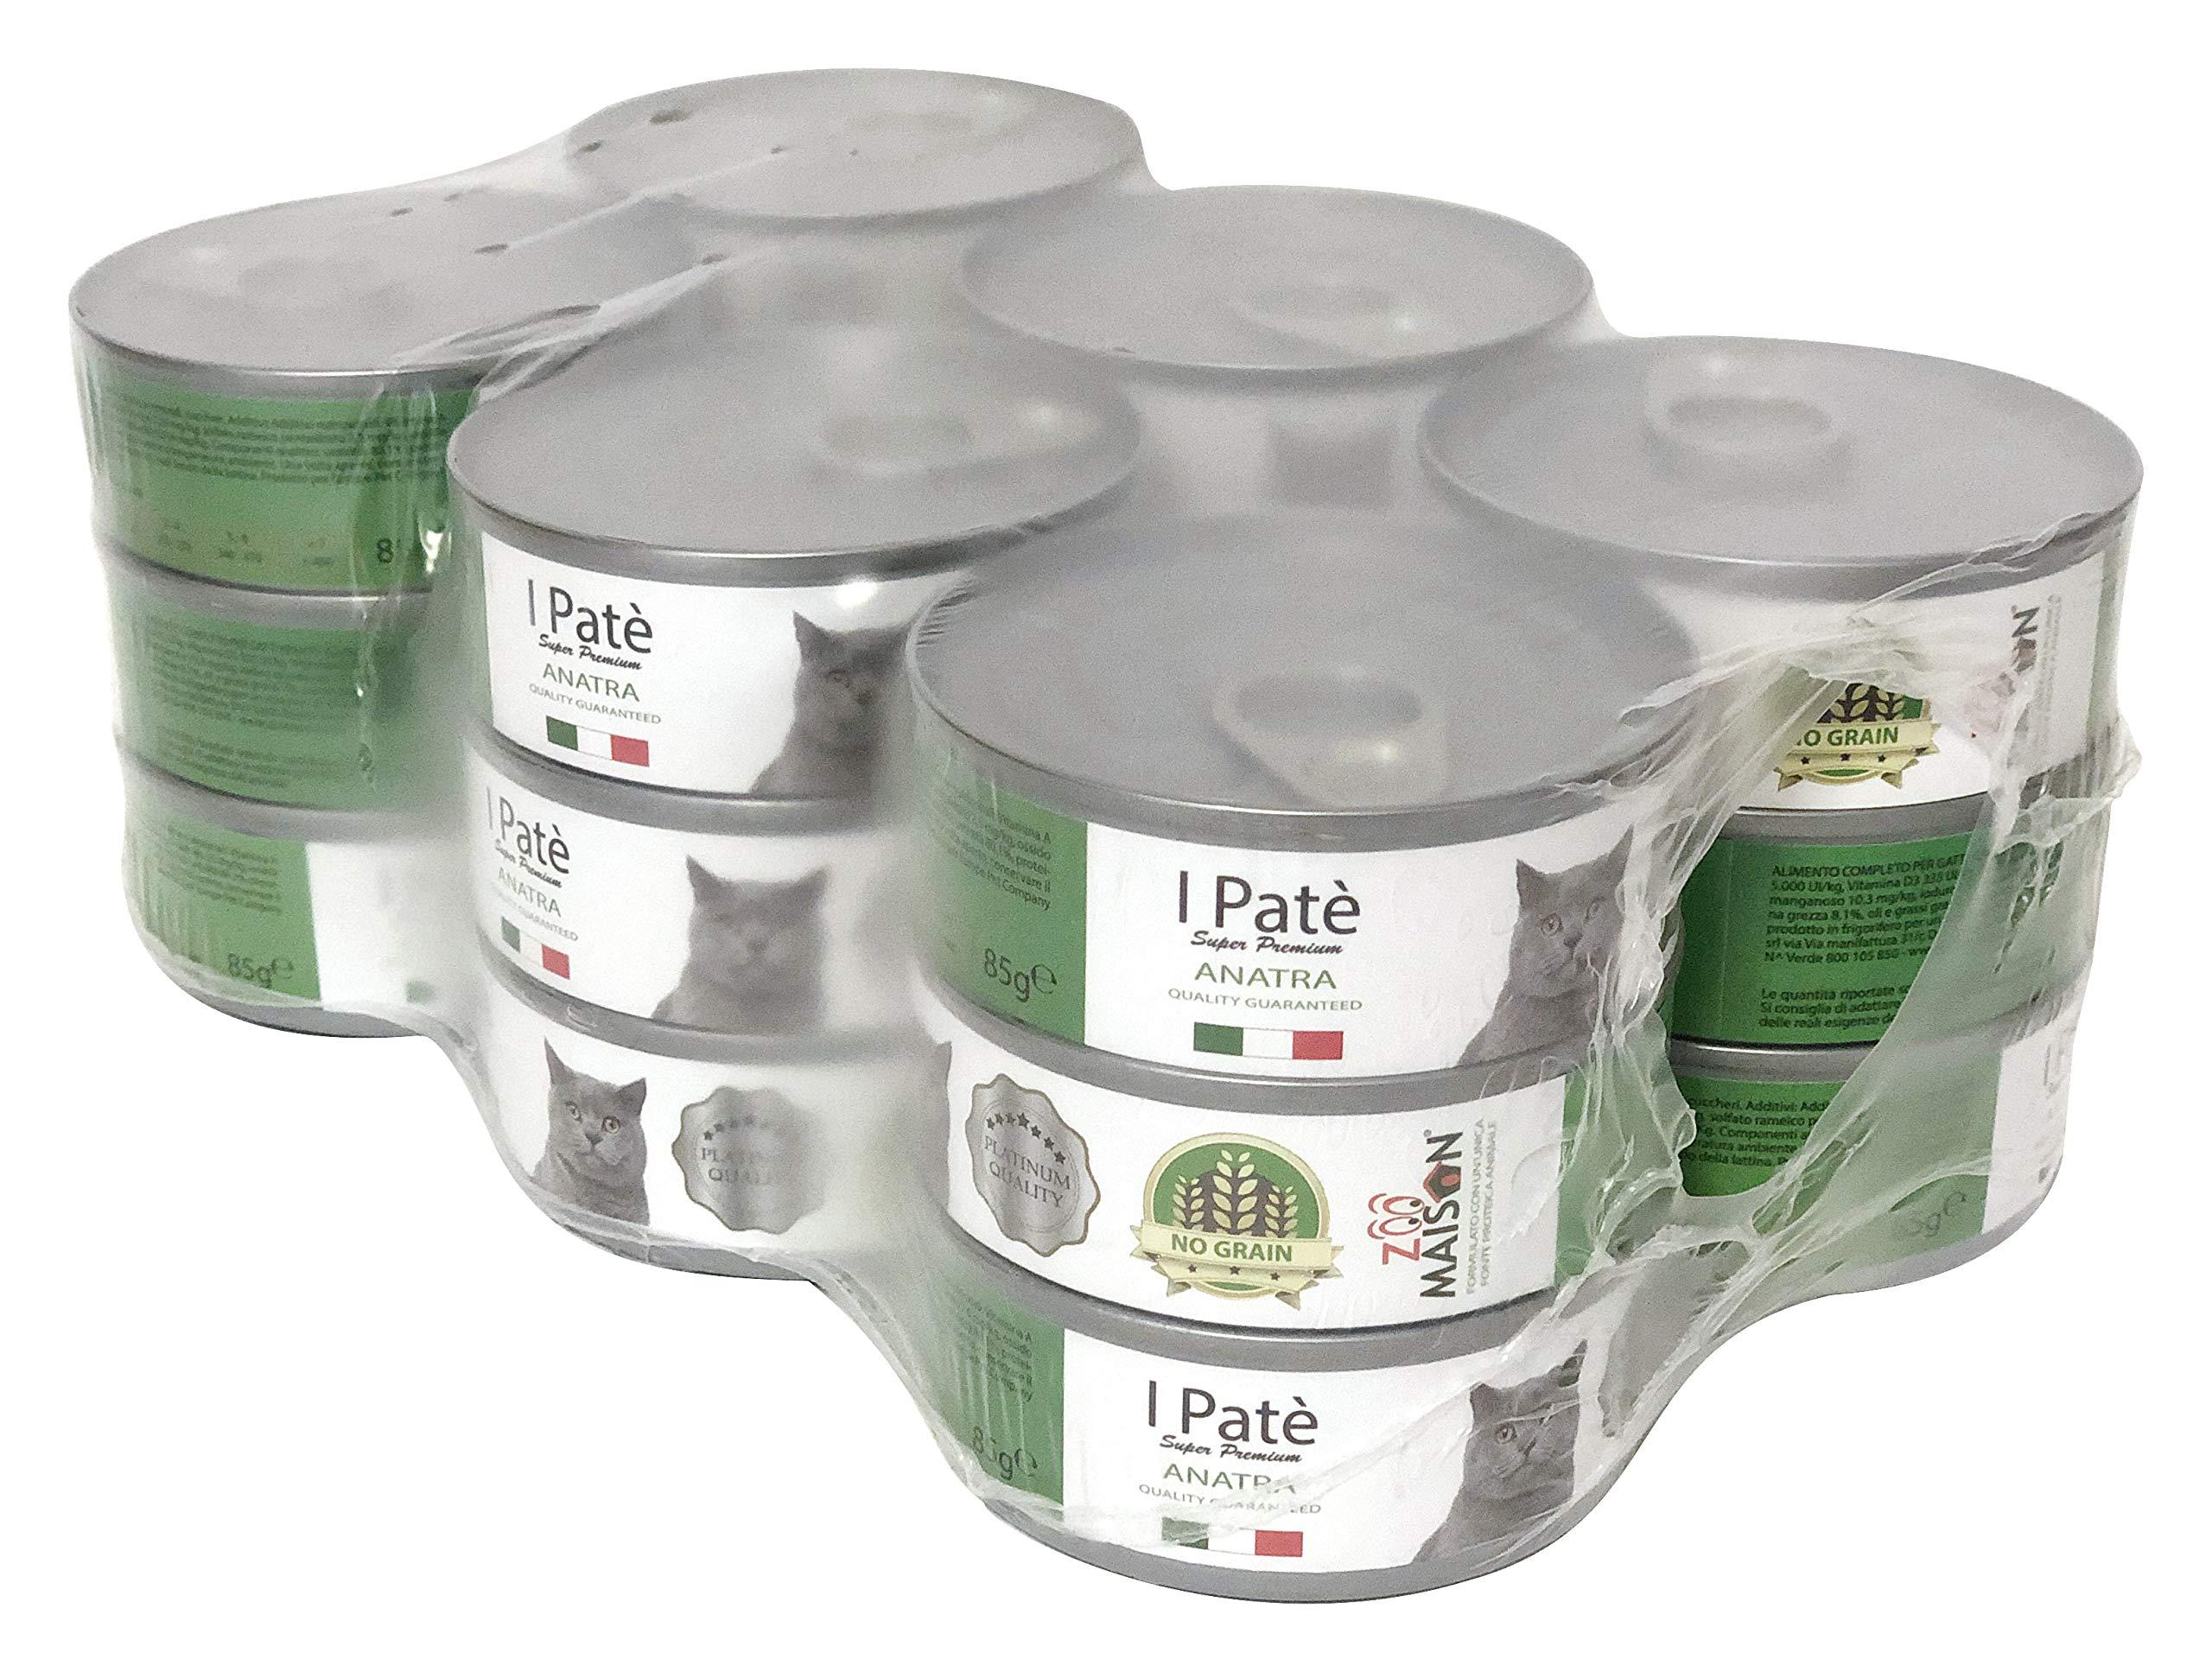 Zoo maison 18 Lattine da 0,85 Grammi di Patè Anatra Cibo Umido per Gatti Platinum Quality Grain Free Senza Glutine…